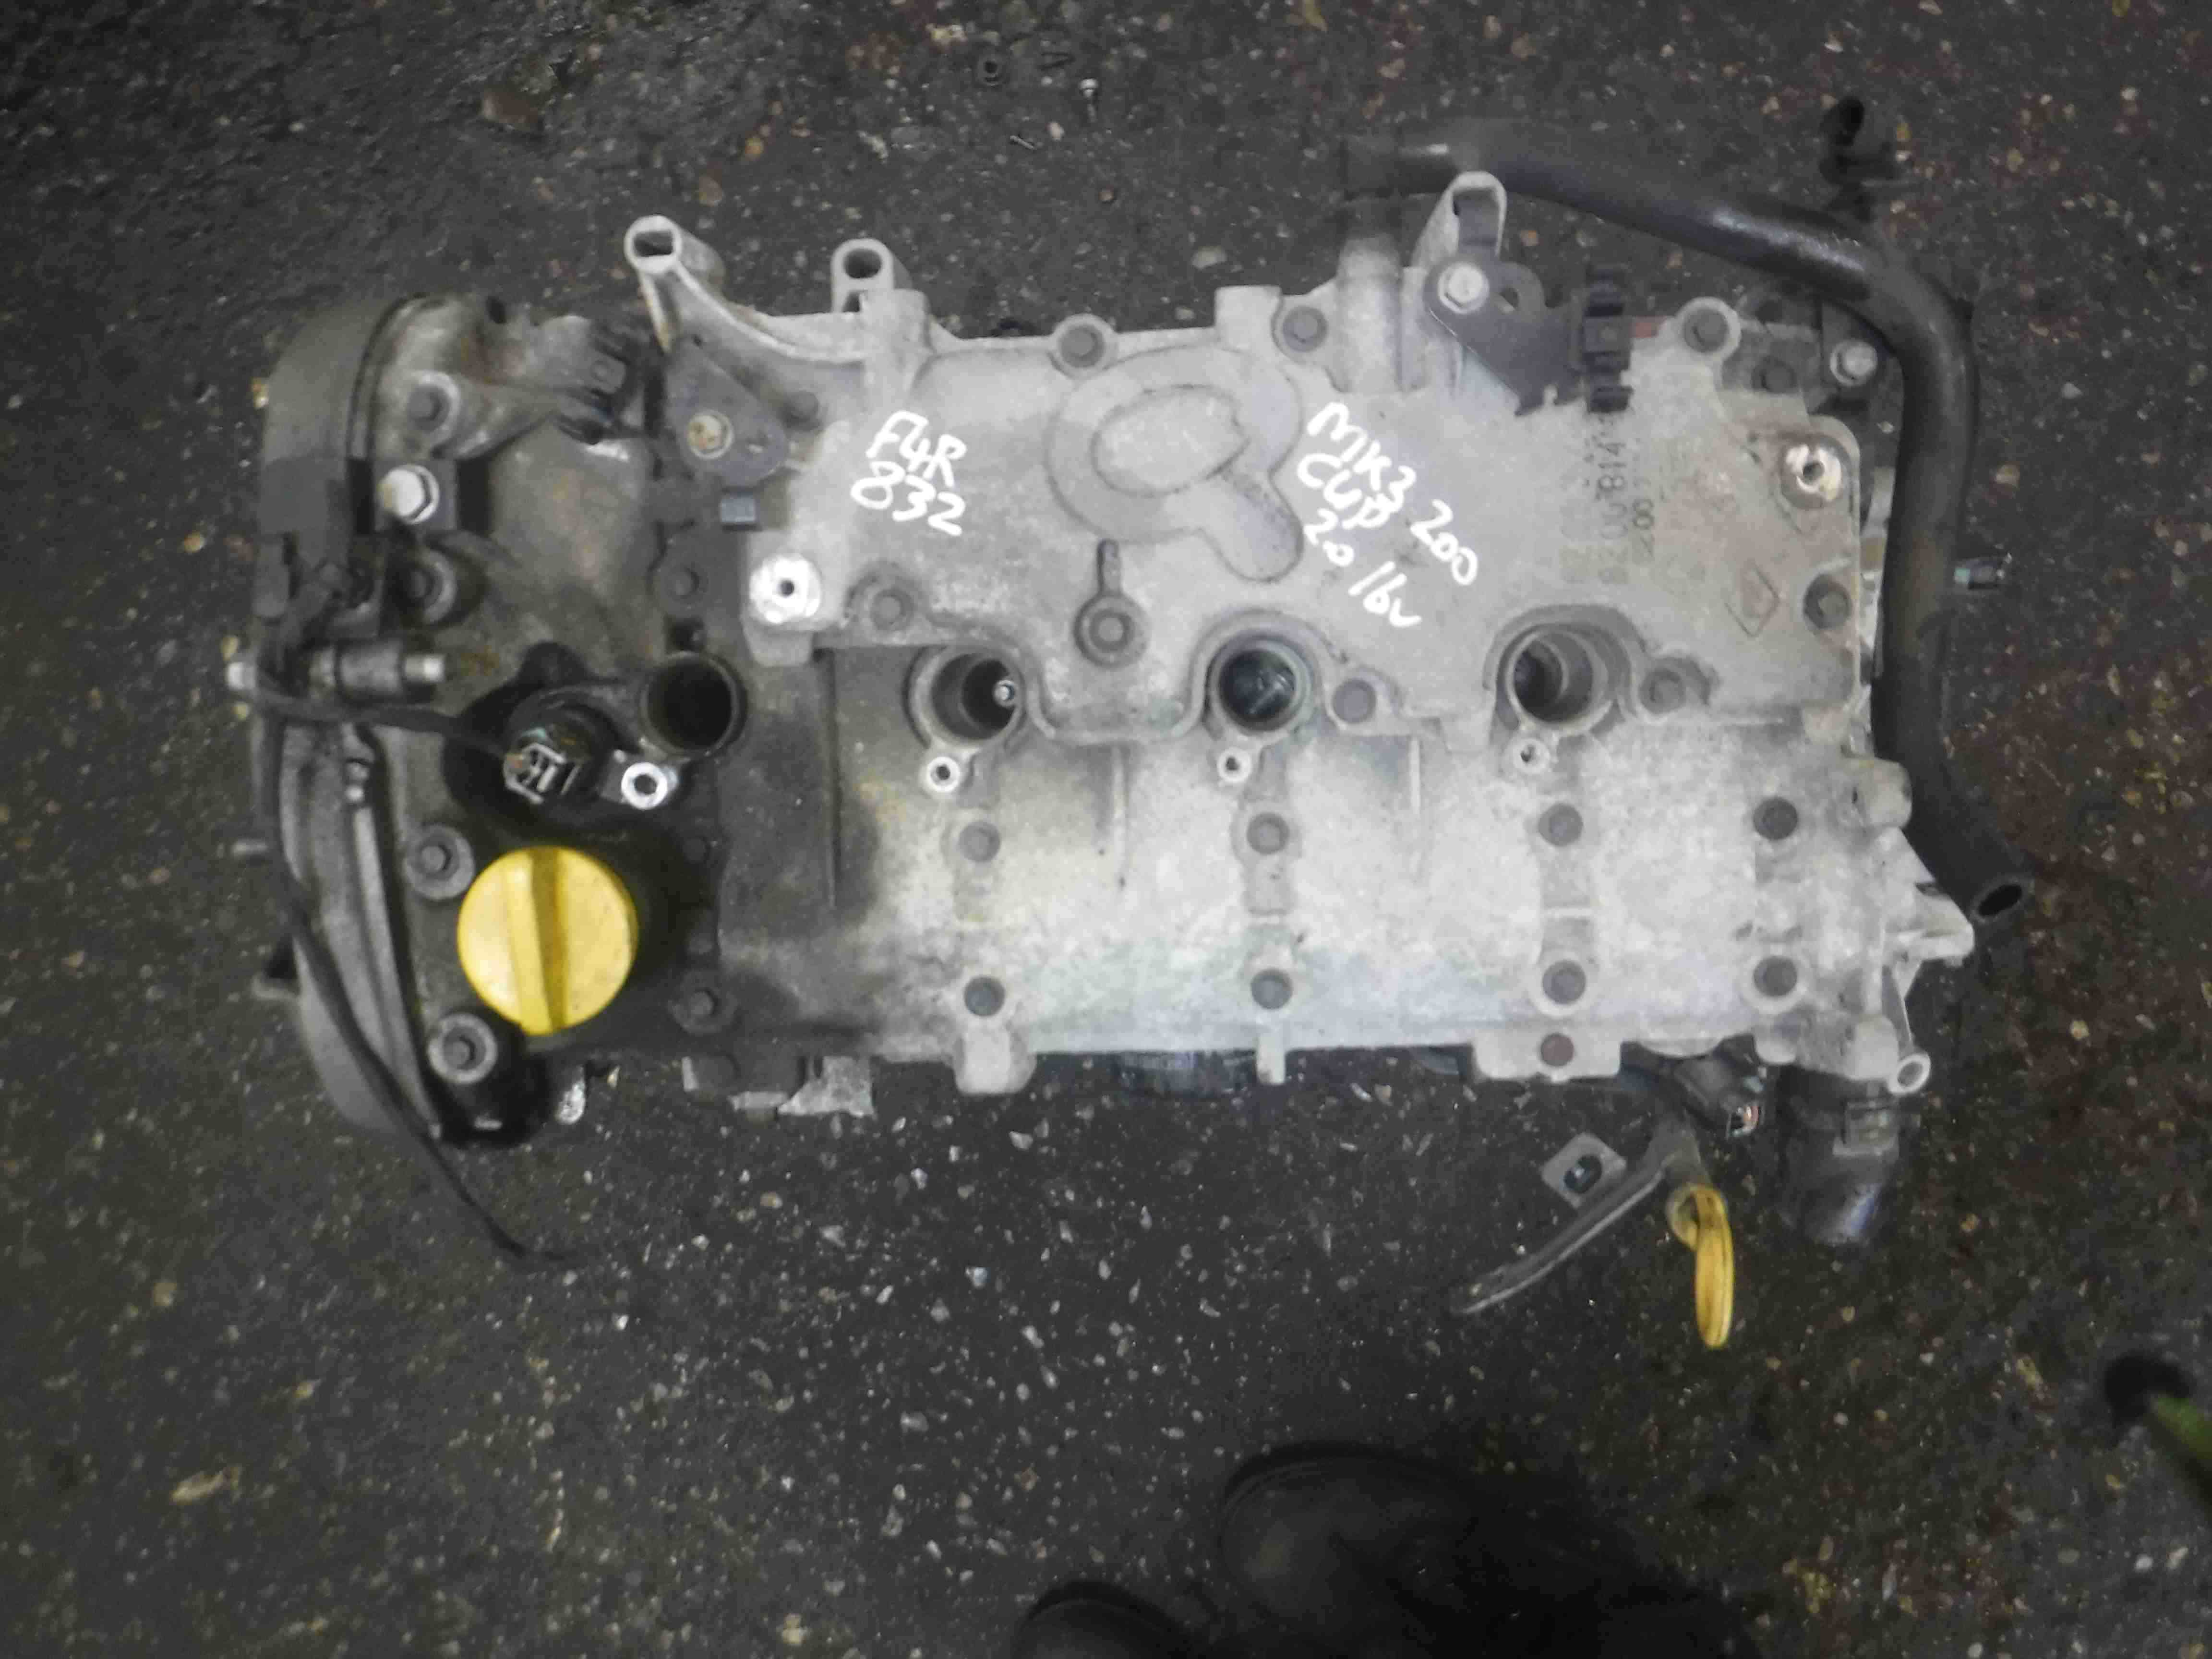 Renault Clio Sport 2005-2012 197 200 2.0 16v Engine F4R 832 *3 Months Warranty*